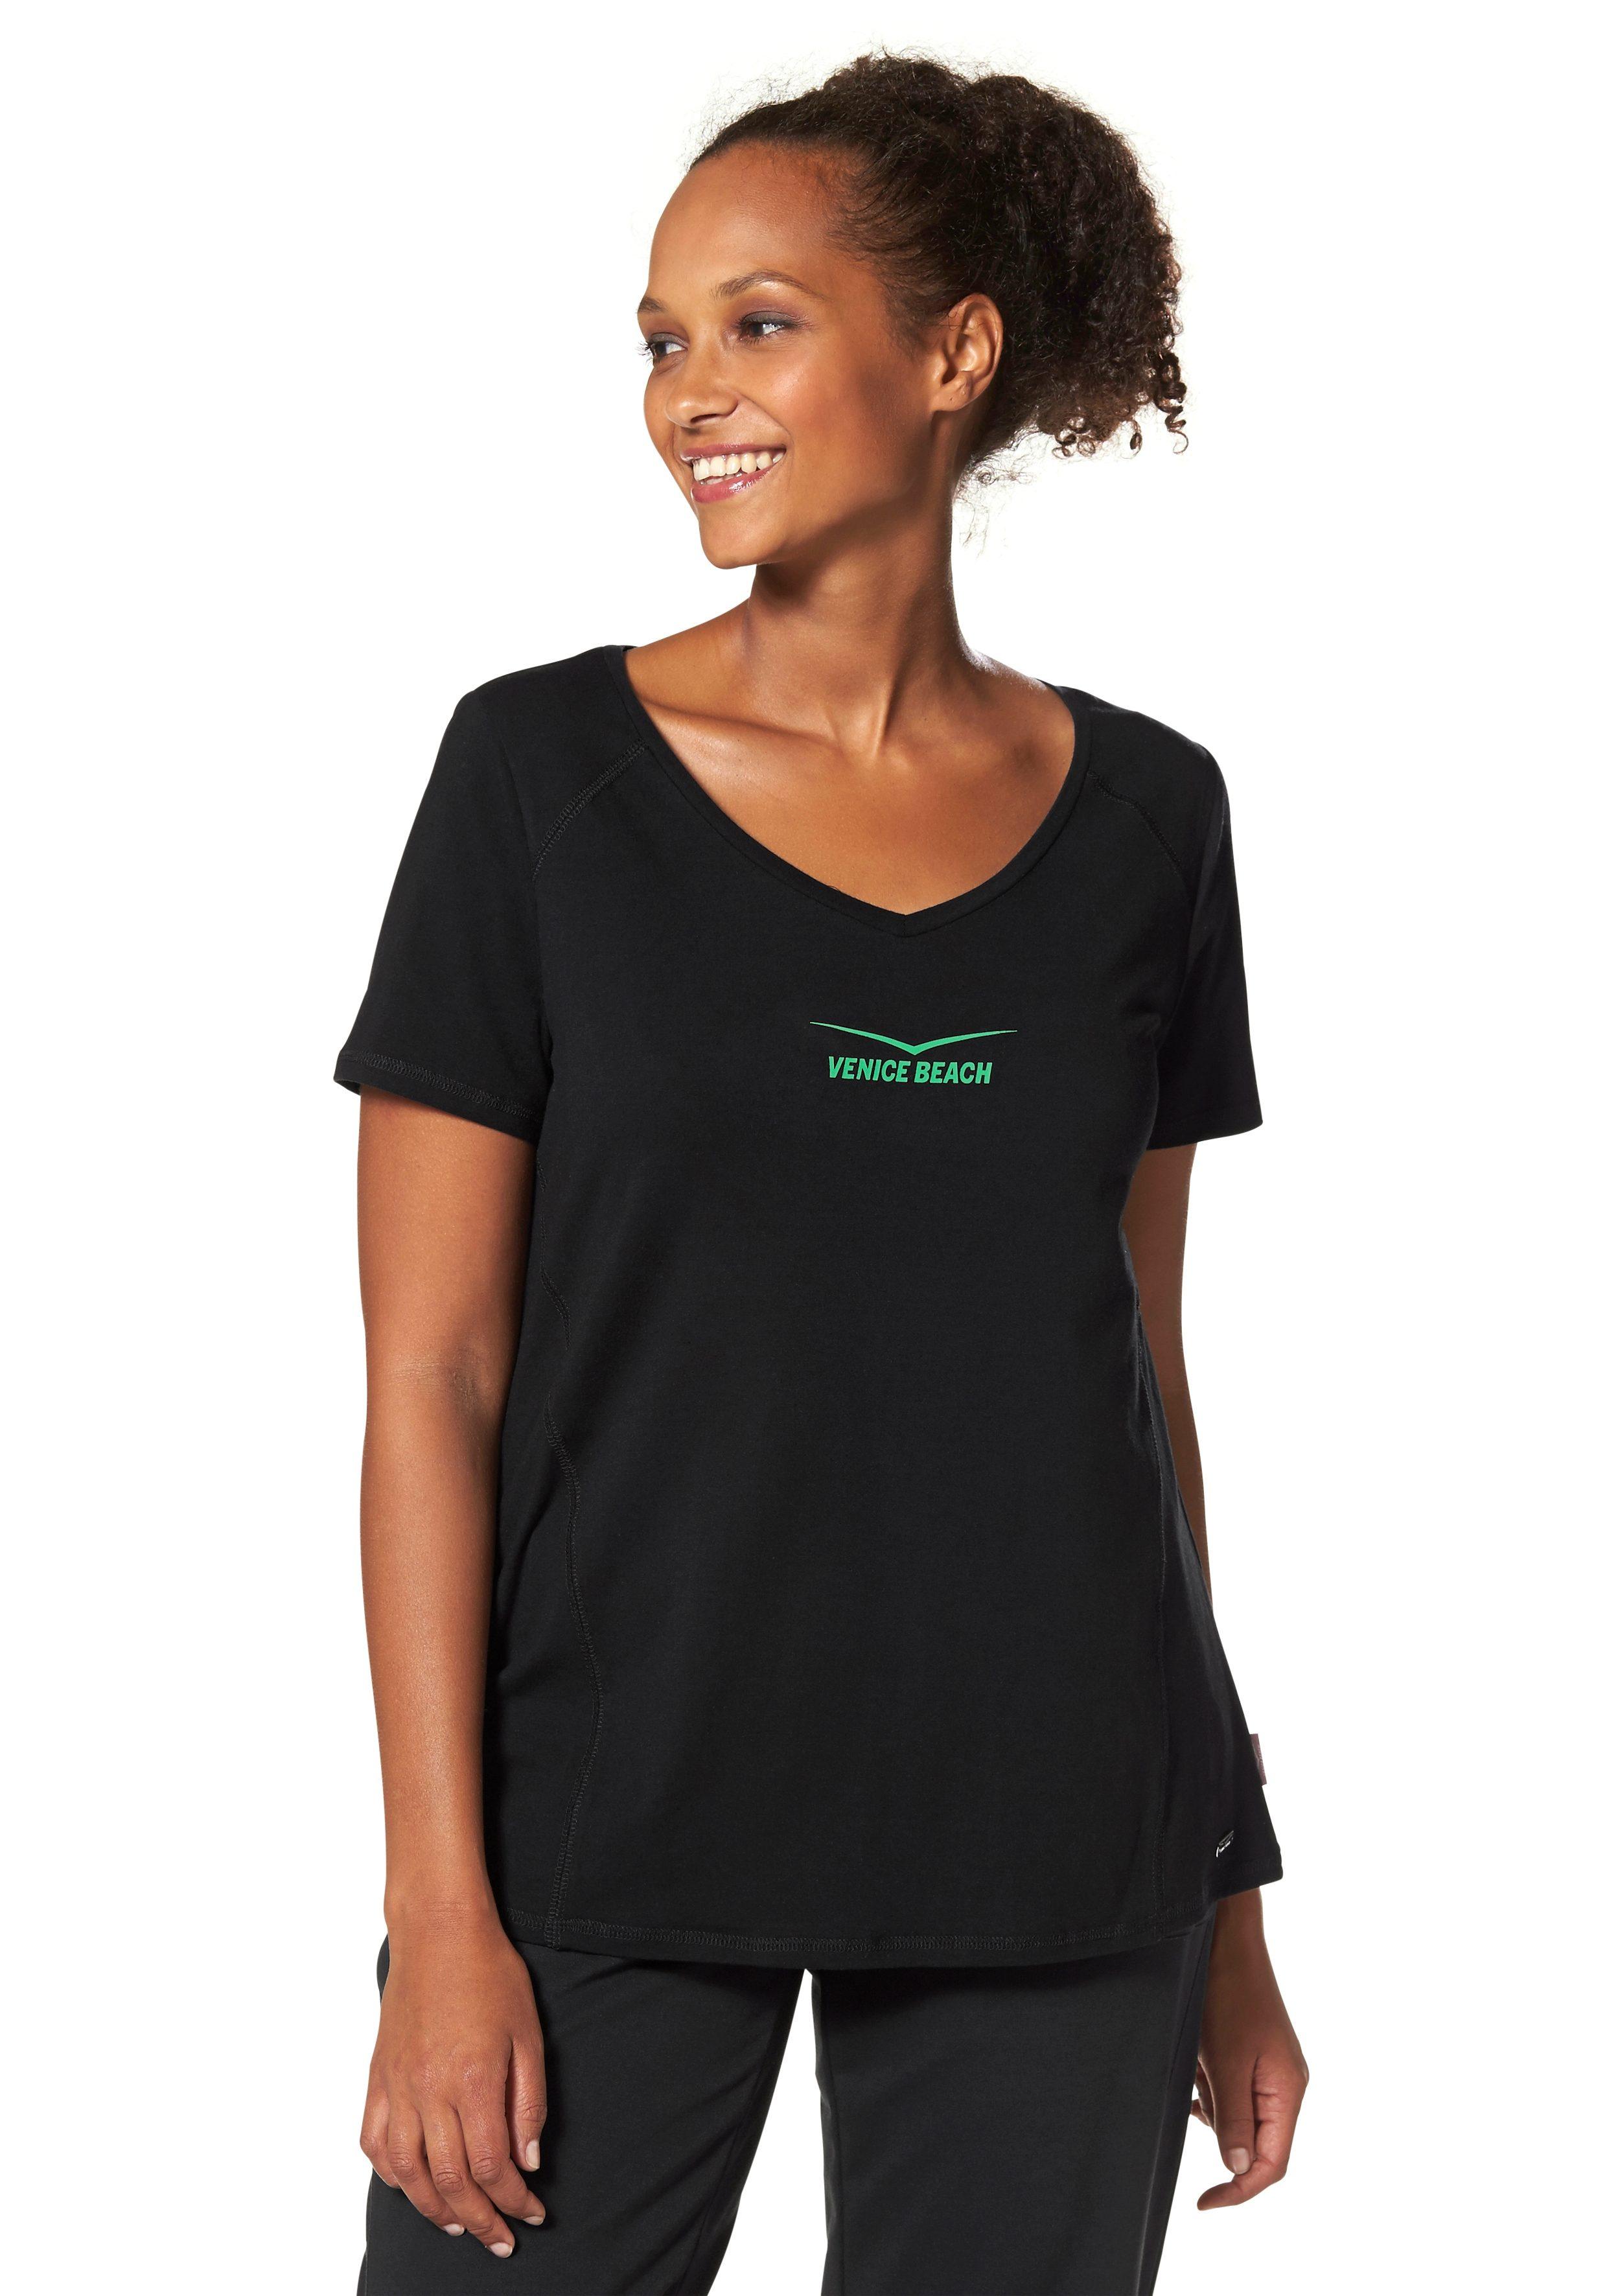 Venice Beach T-Shirt Große Größen